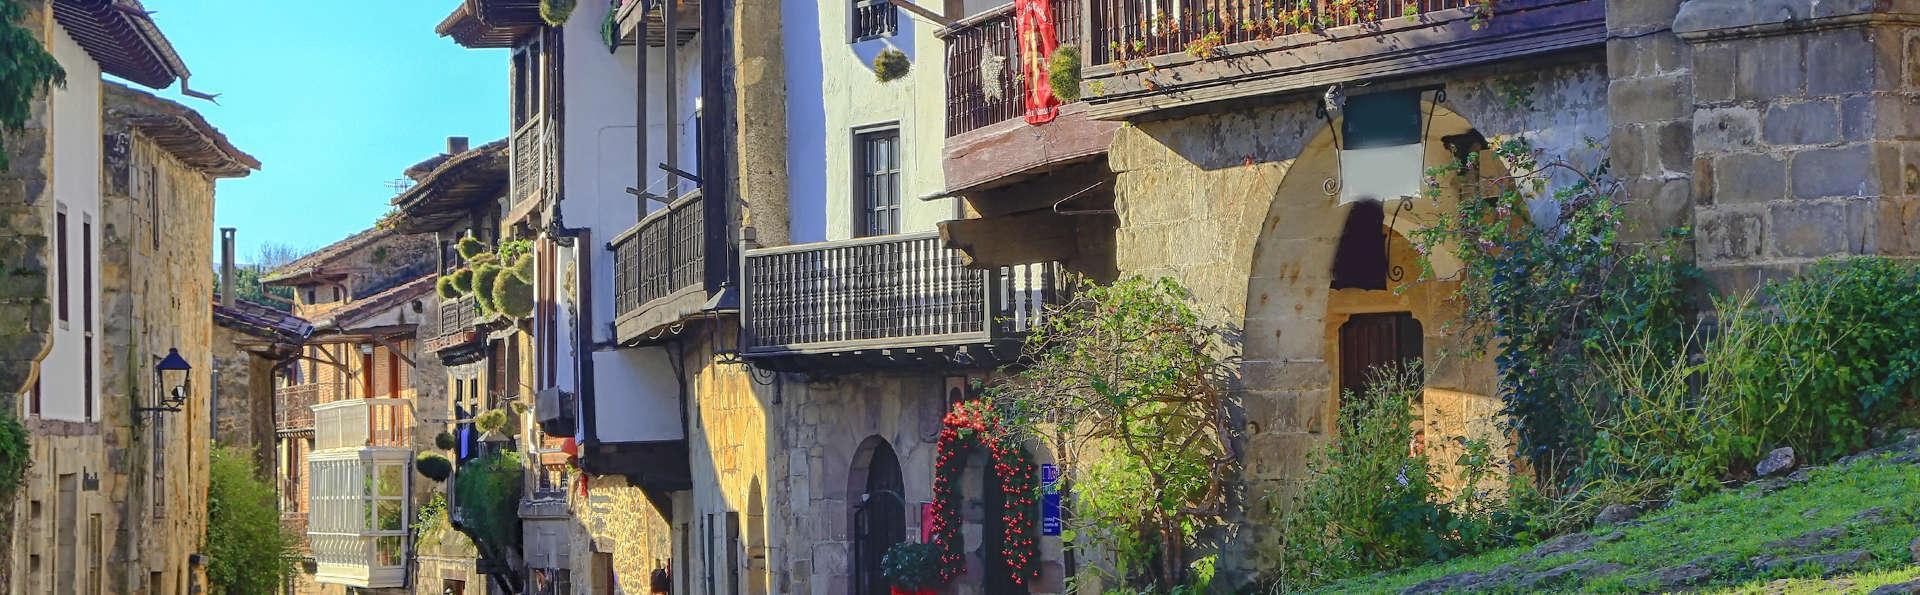 Apartamentos Bahía de Boó - EDIT_Destination_Cantabria.jpg